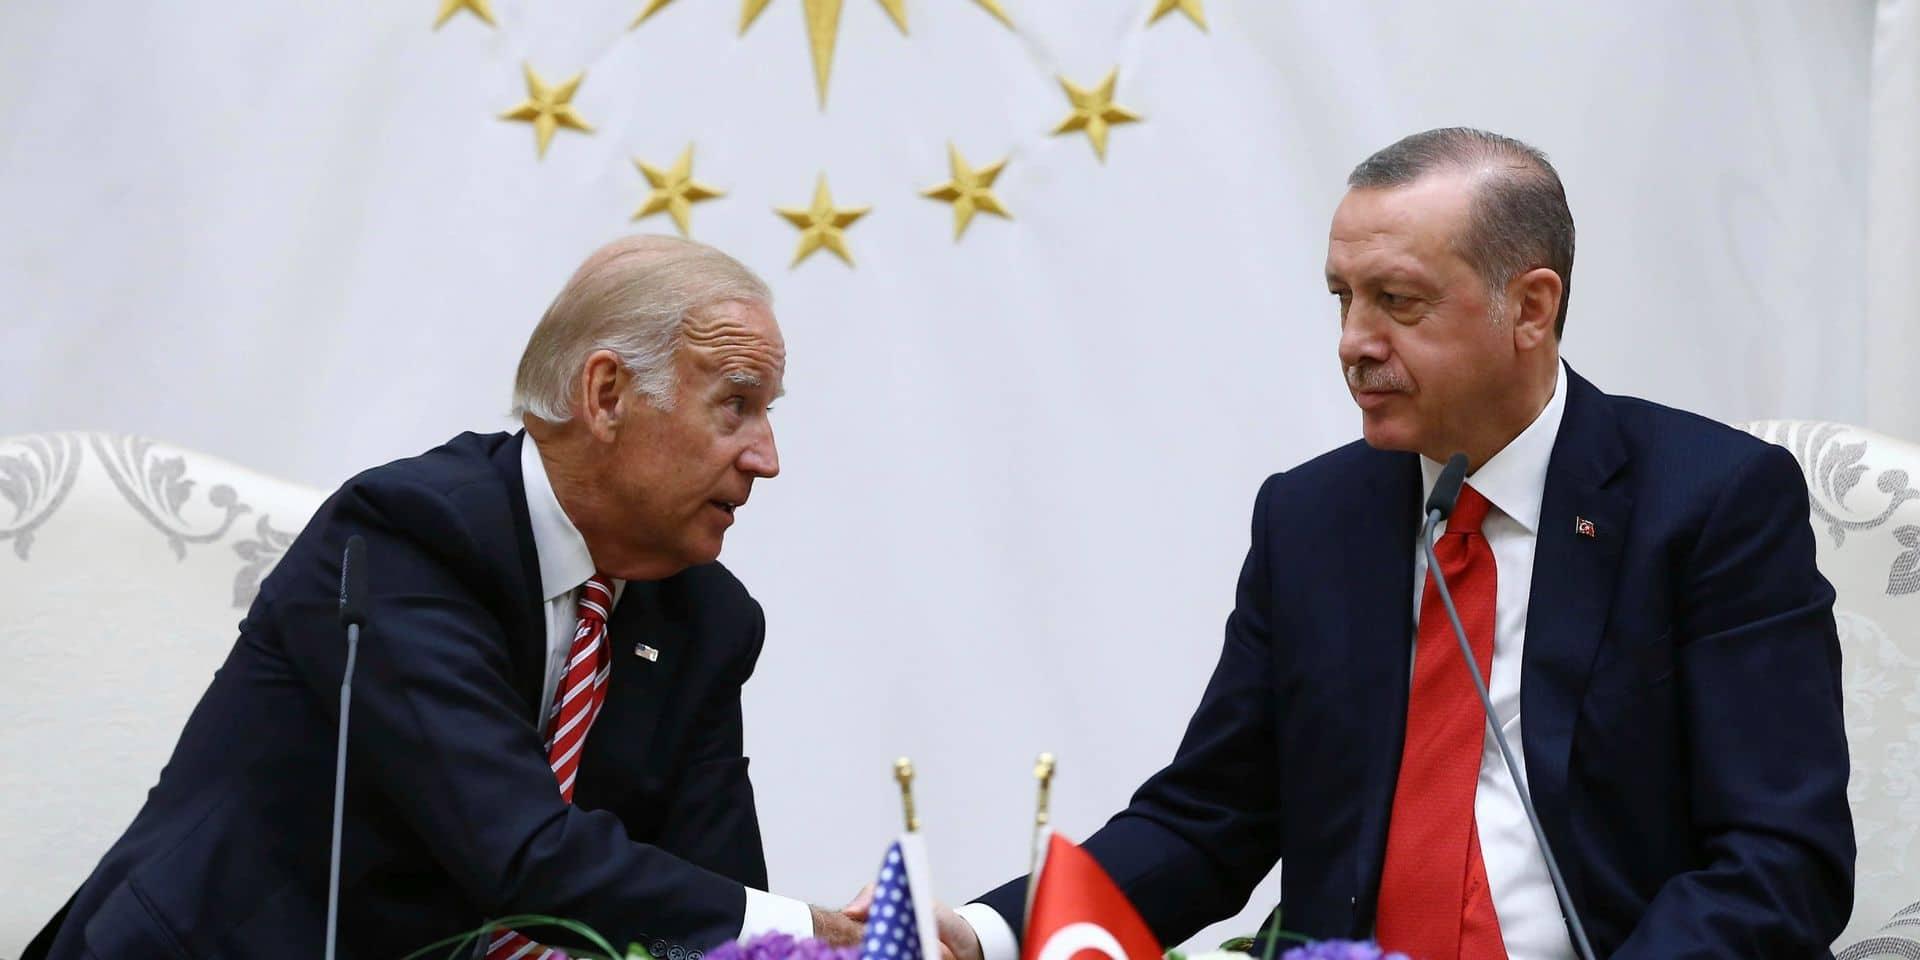 Malgré la mise en garde d'Erdogan, Biden reconnaîtra bien le génocide arménien ce samedi